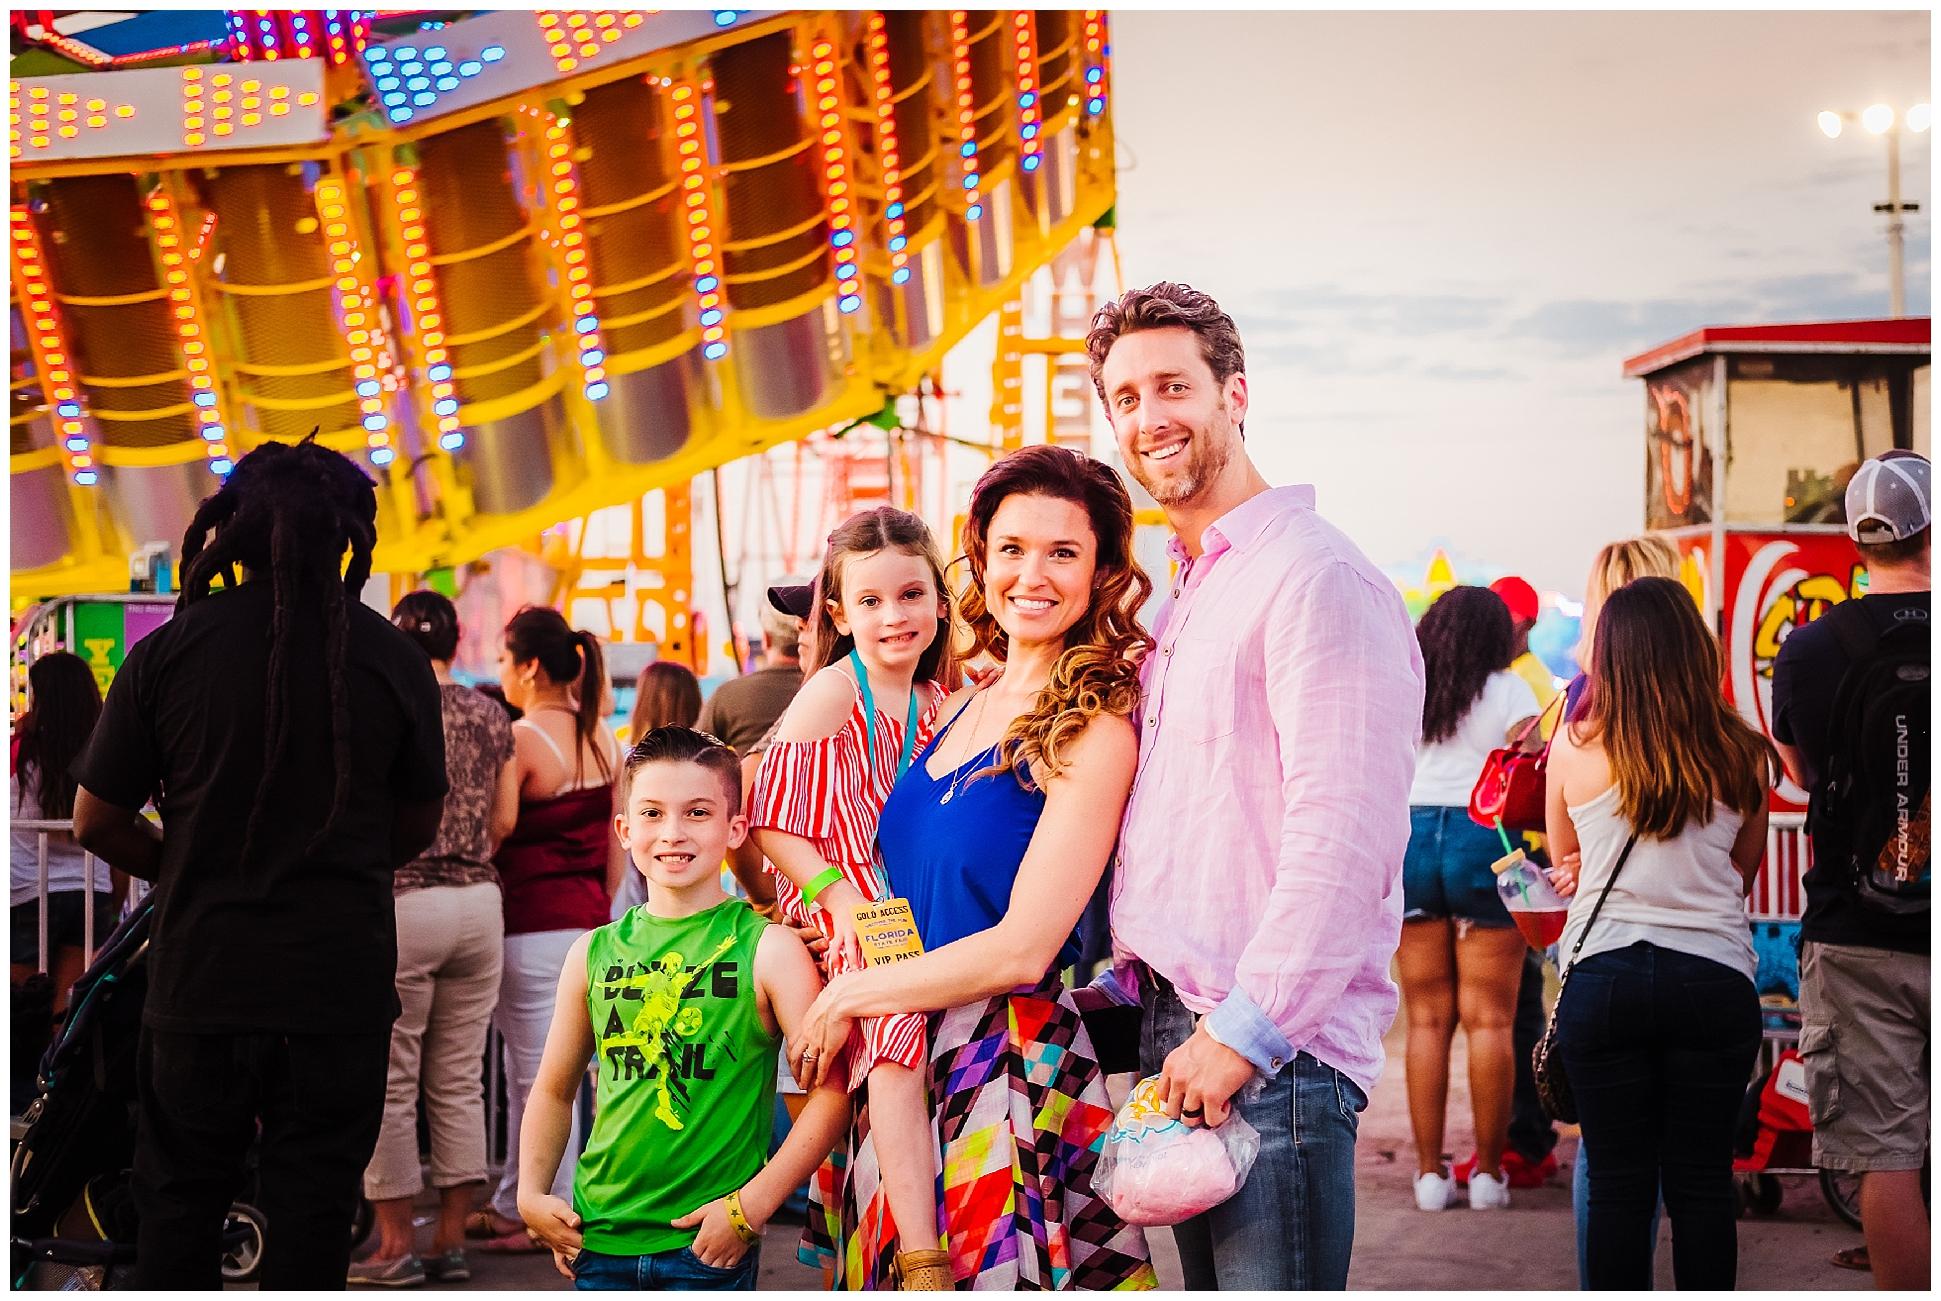 Tampa-colorful-fair-amusement park-dani family session_0025.jpg